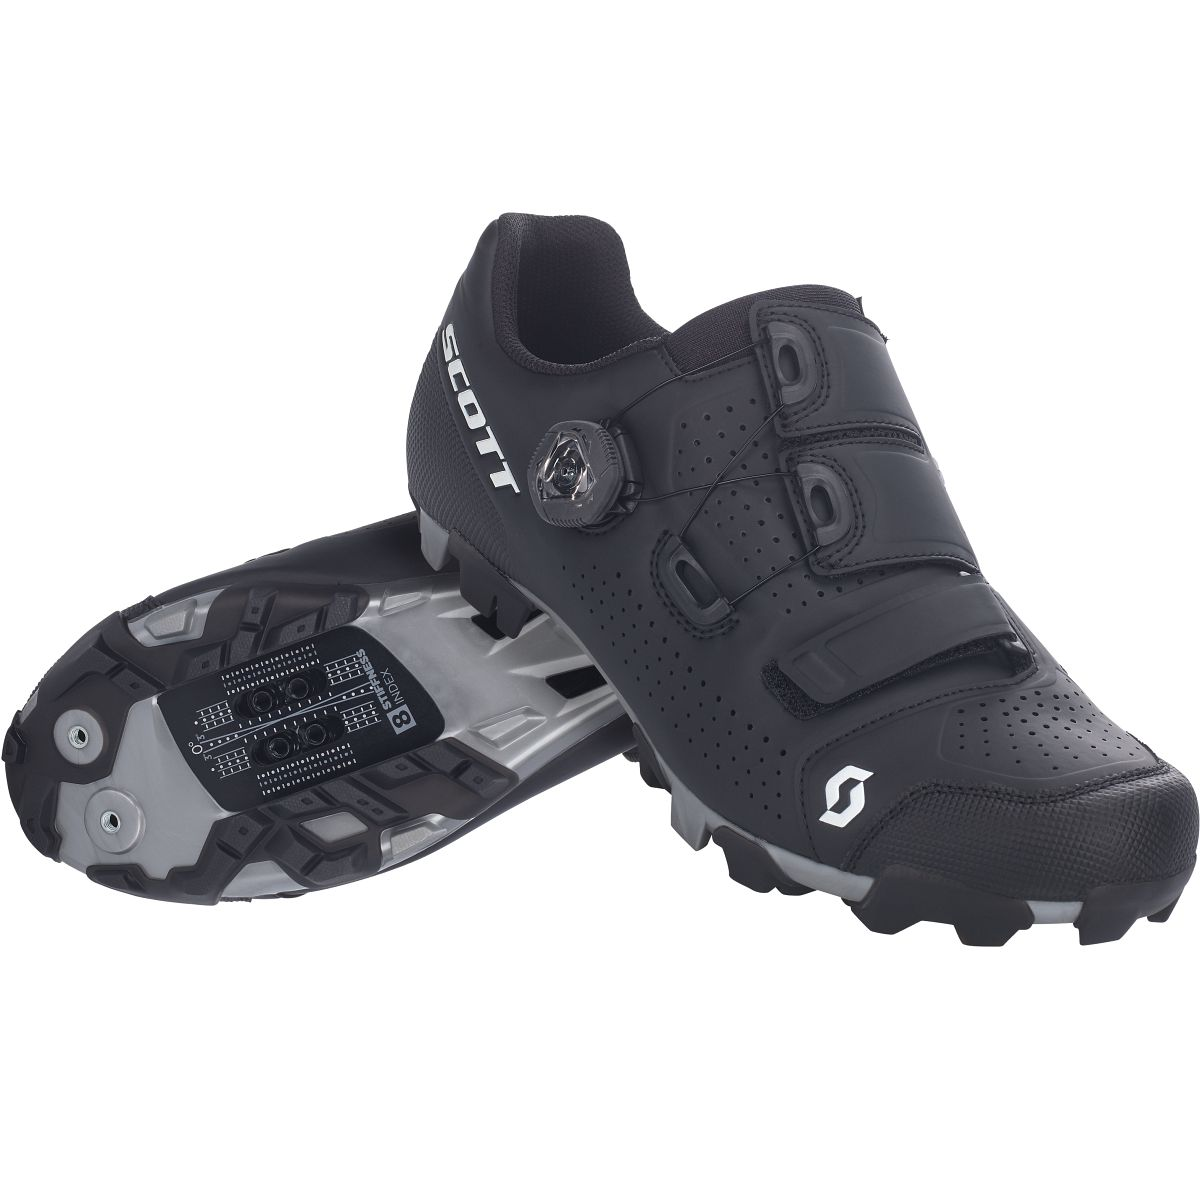 Scott MTB Team Boa Fahrrad Schuhe schwarz 2020